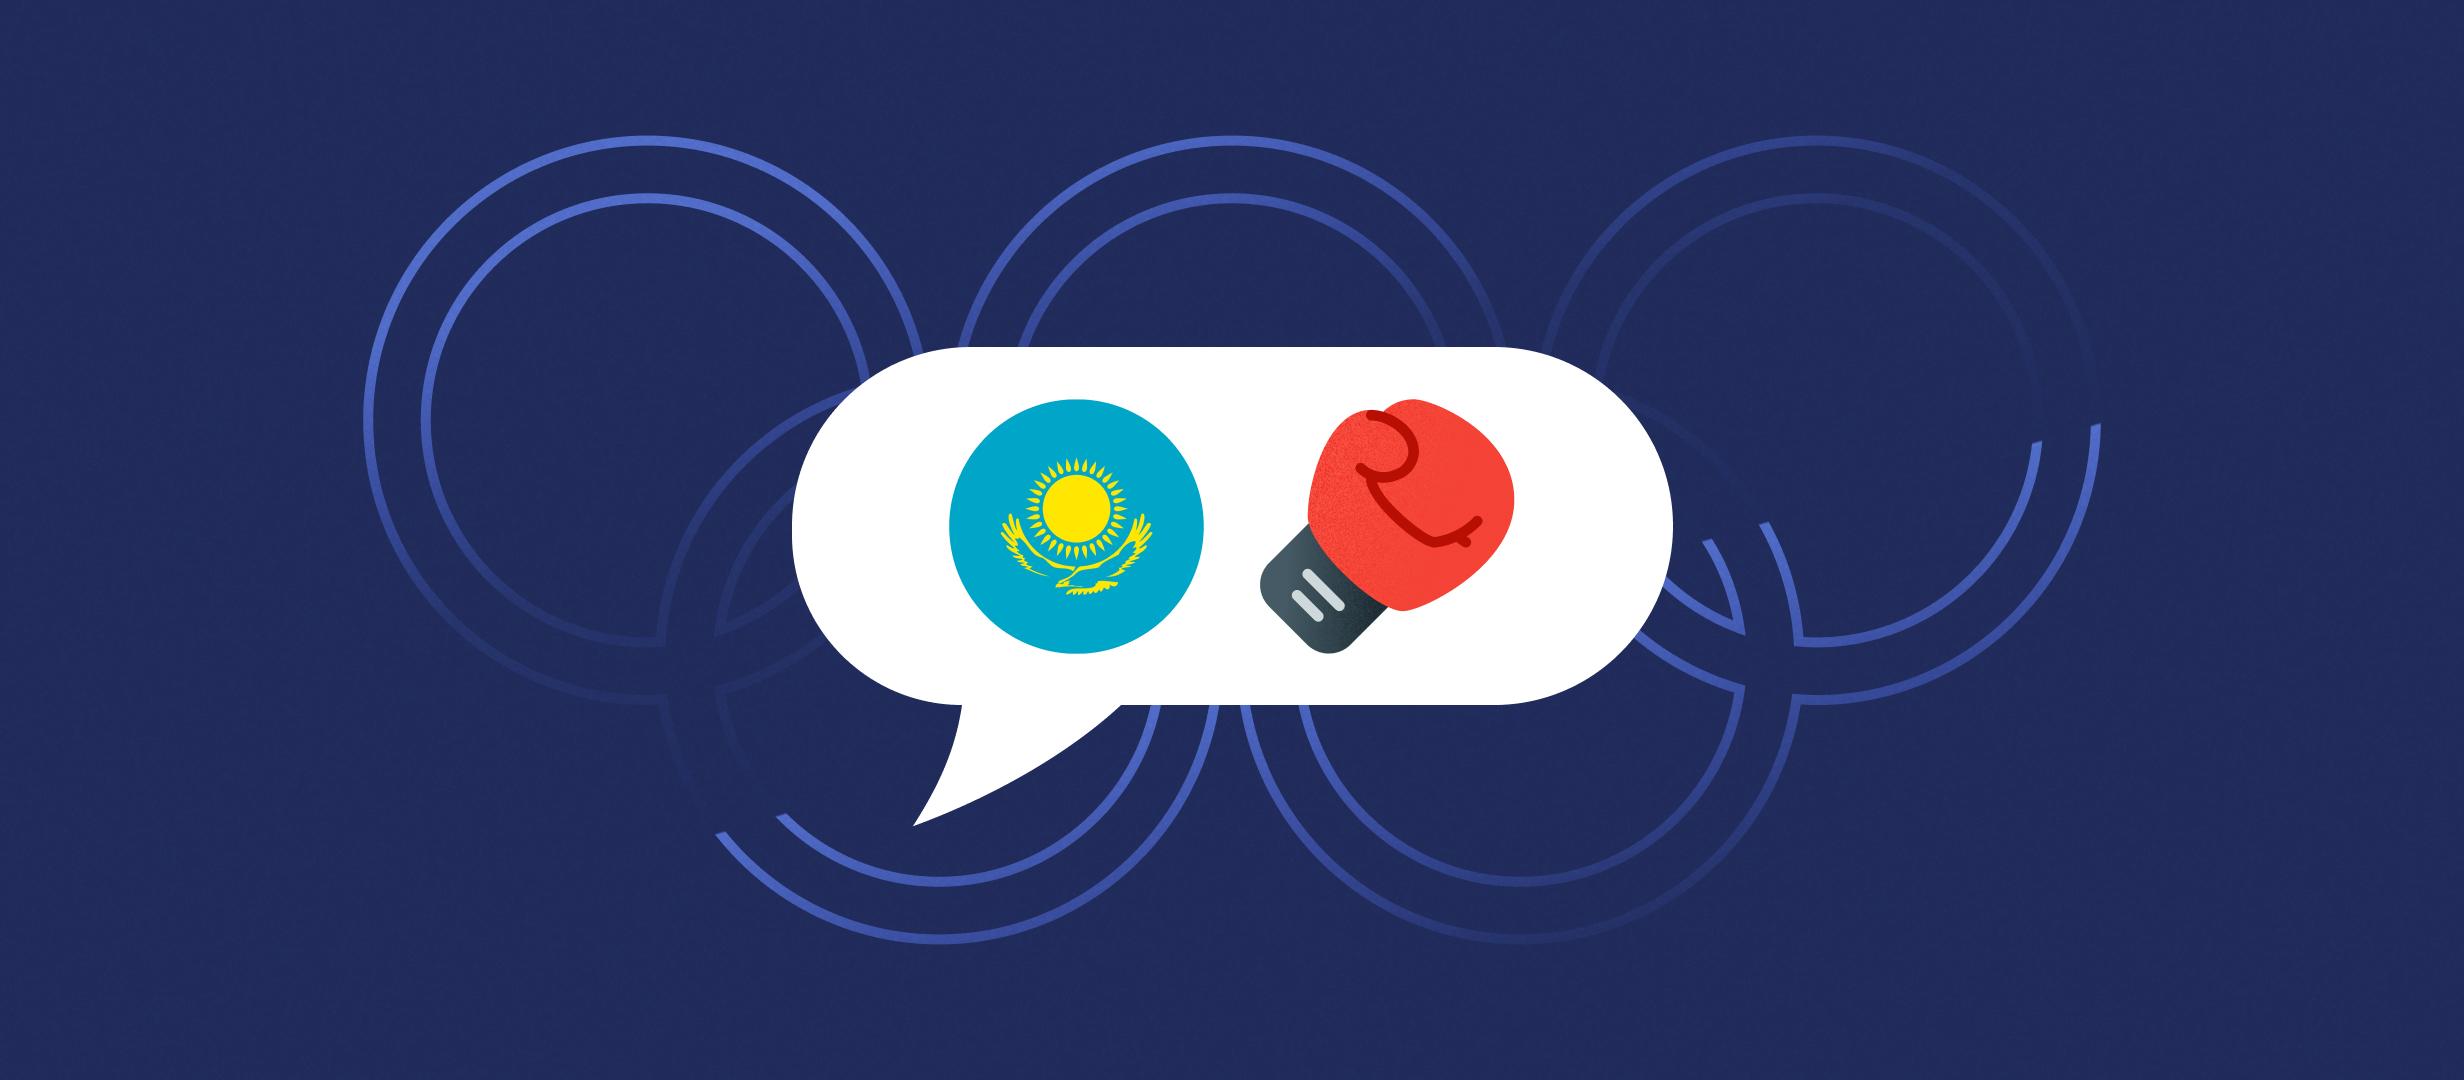 Сборная Казахстана по боксу на Олимпиаде — история, шансы и ставки